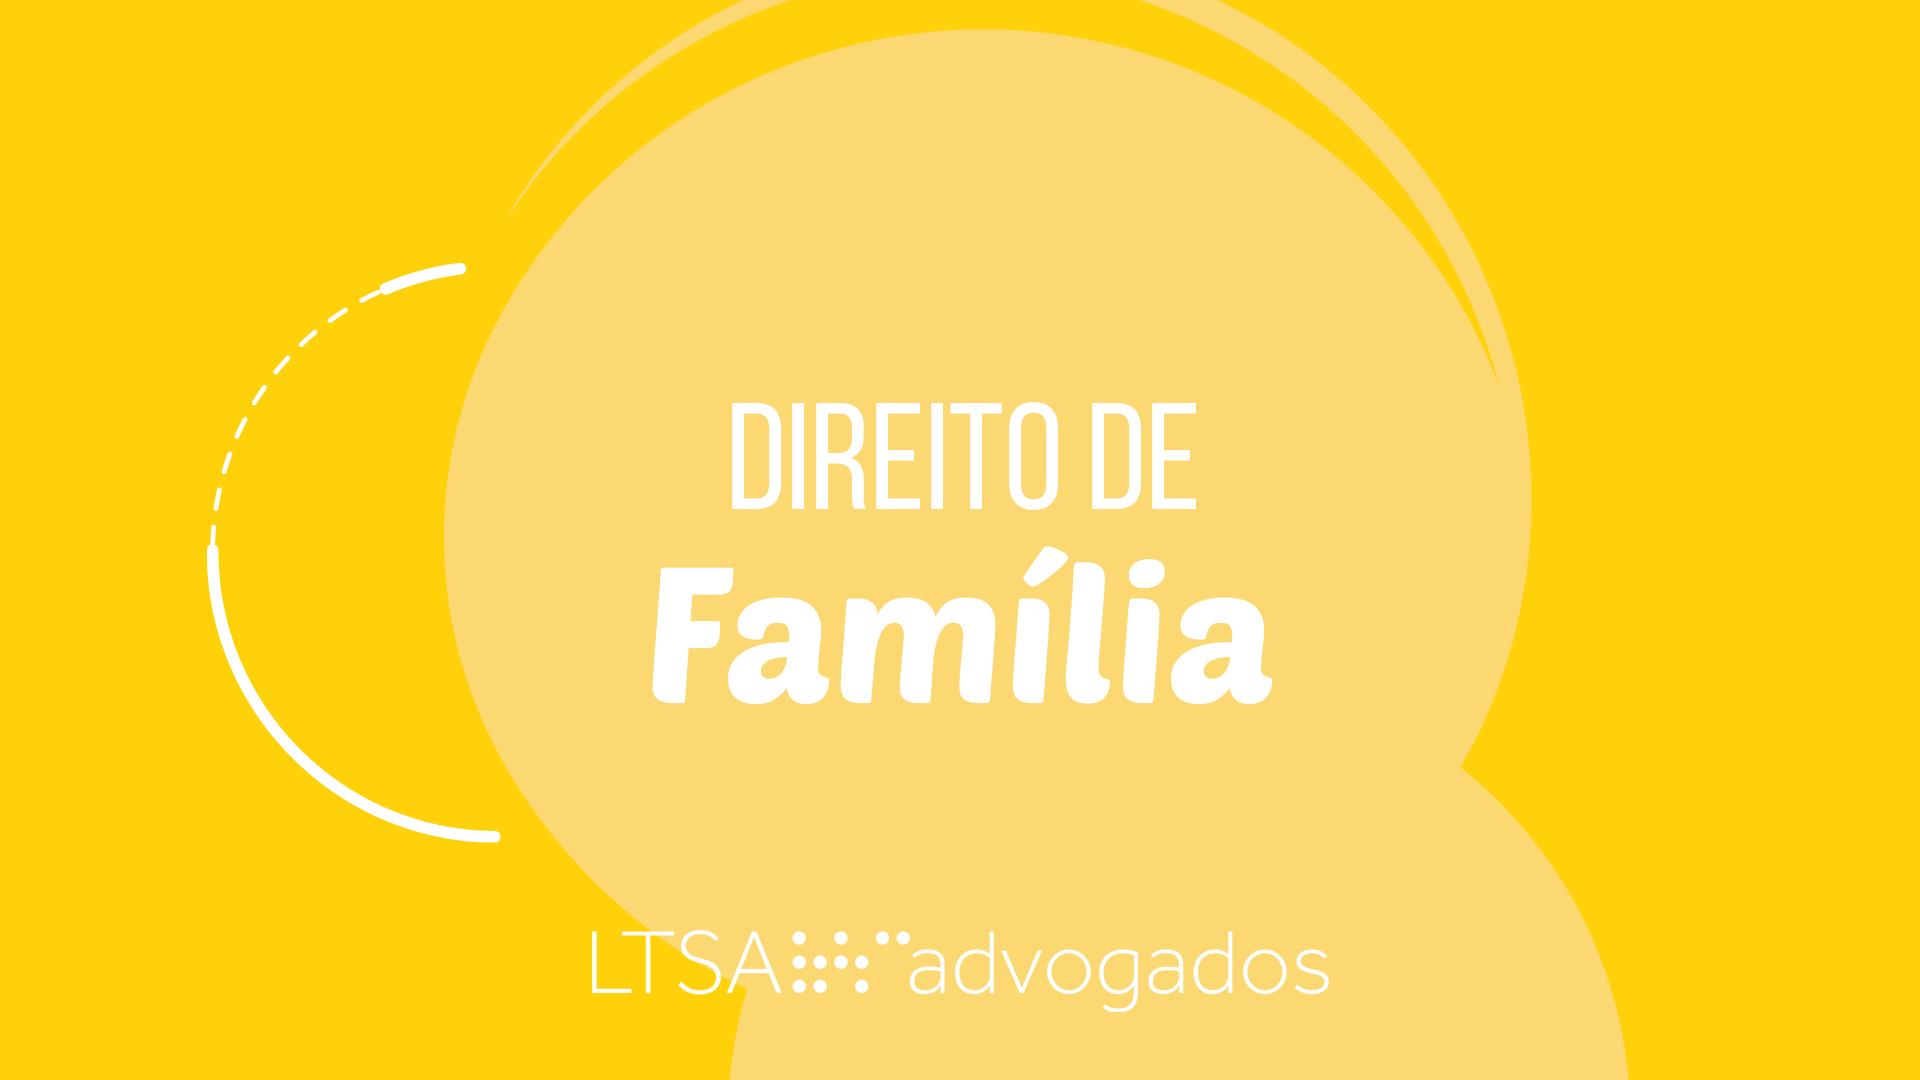 LTSA Advogados Mogi das Cruzes Direito de Família